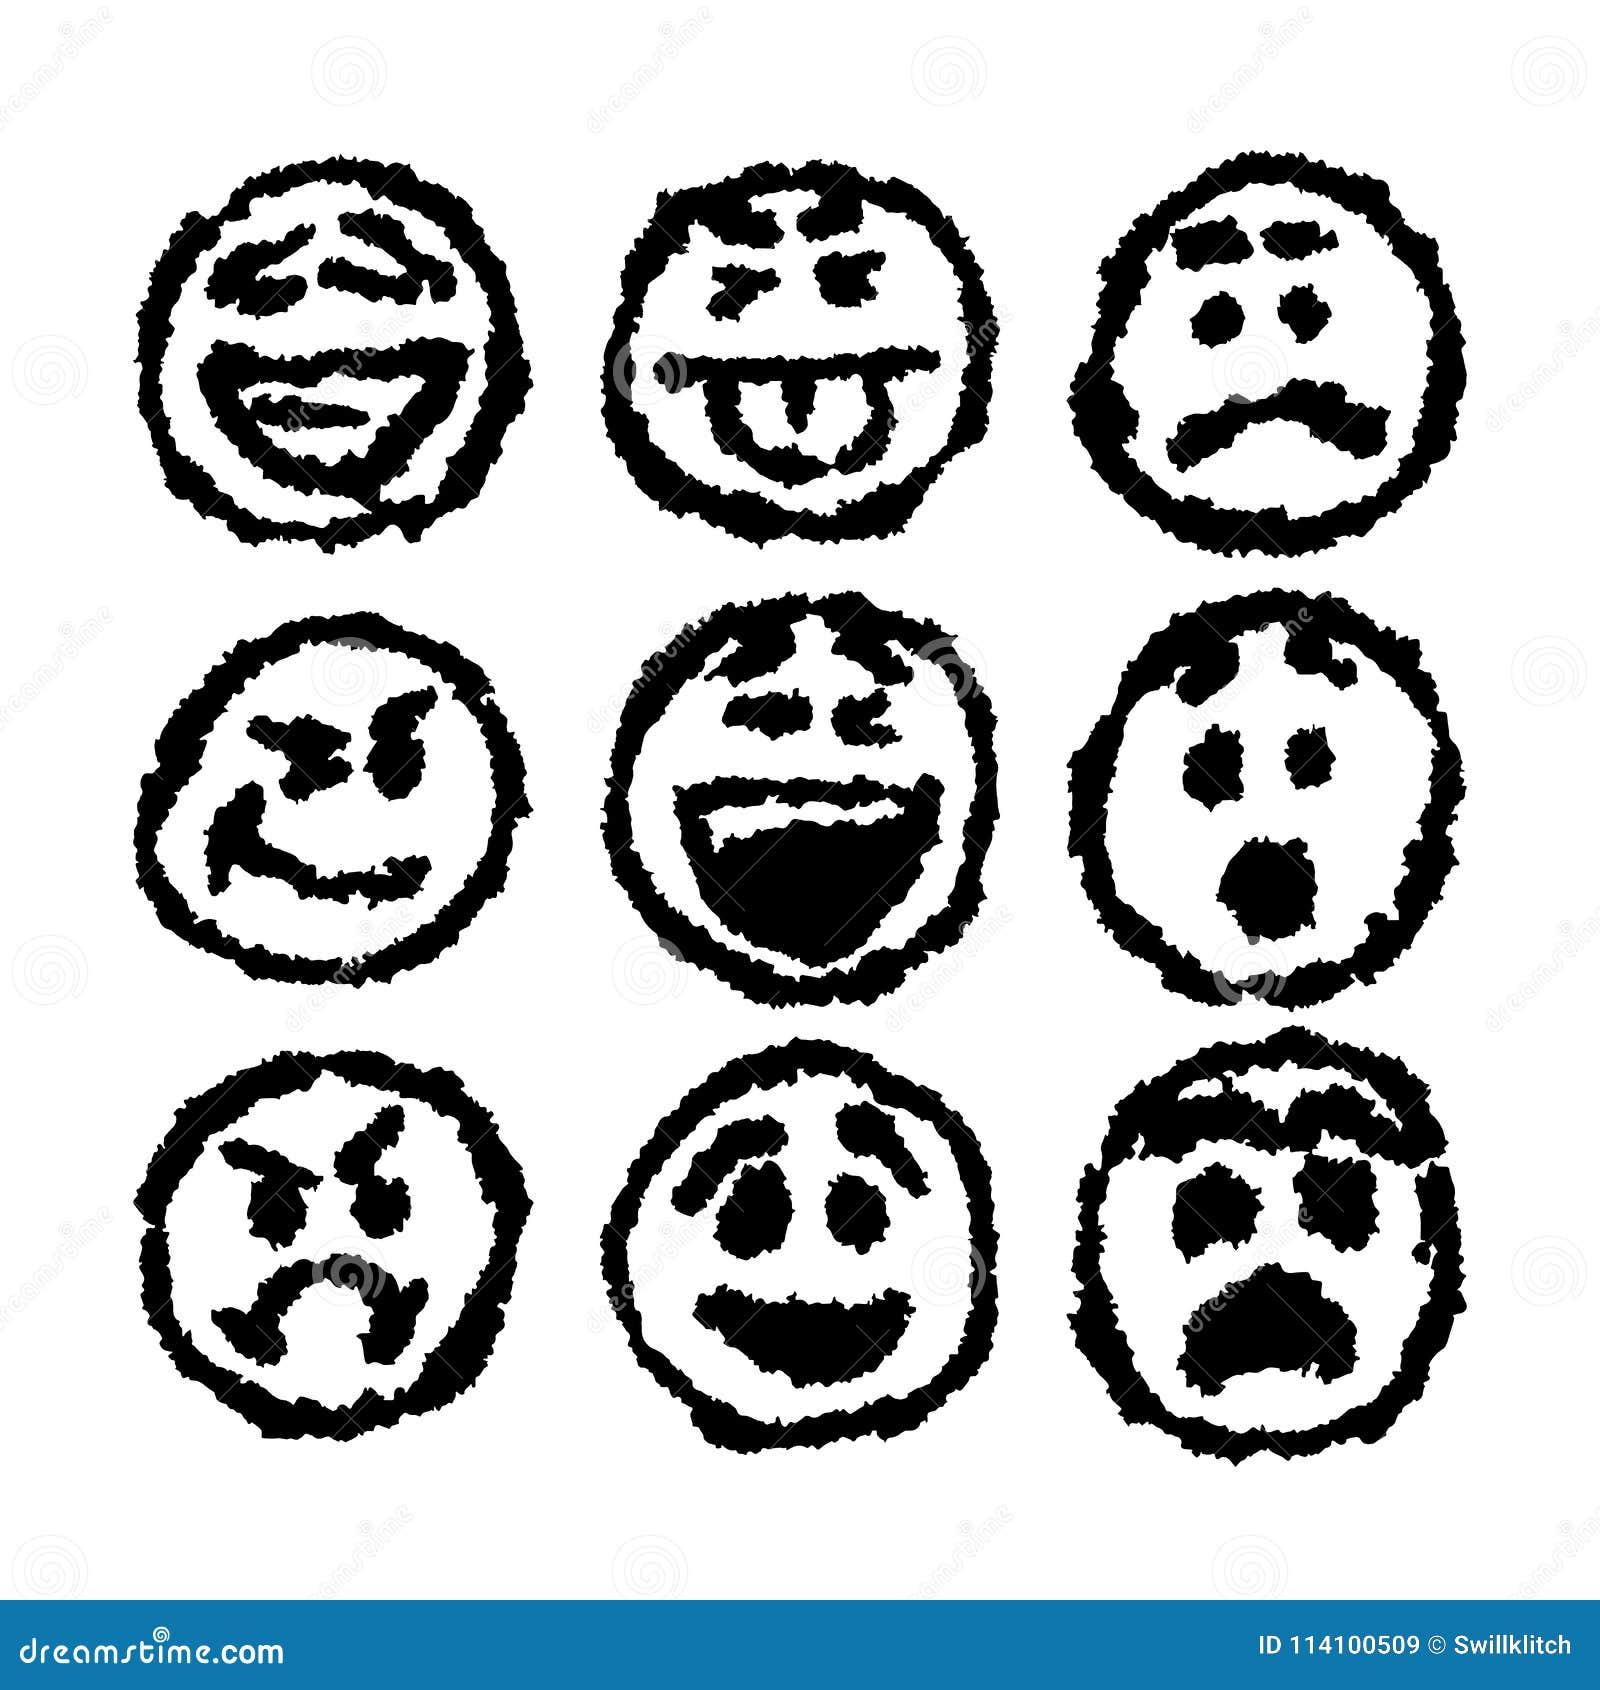 Grupo De Icones Do Emoji Ou Do Emoticon Com Estilo Sujo Do Desenho